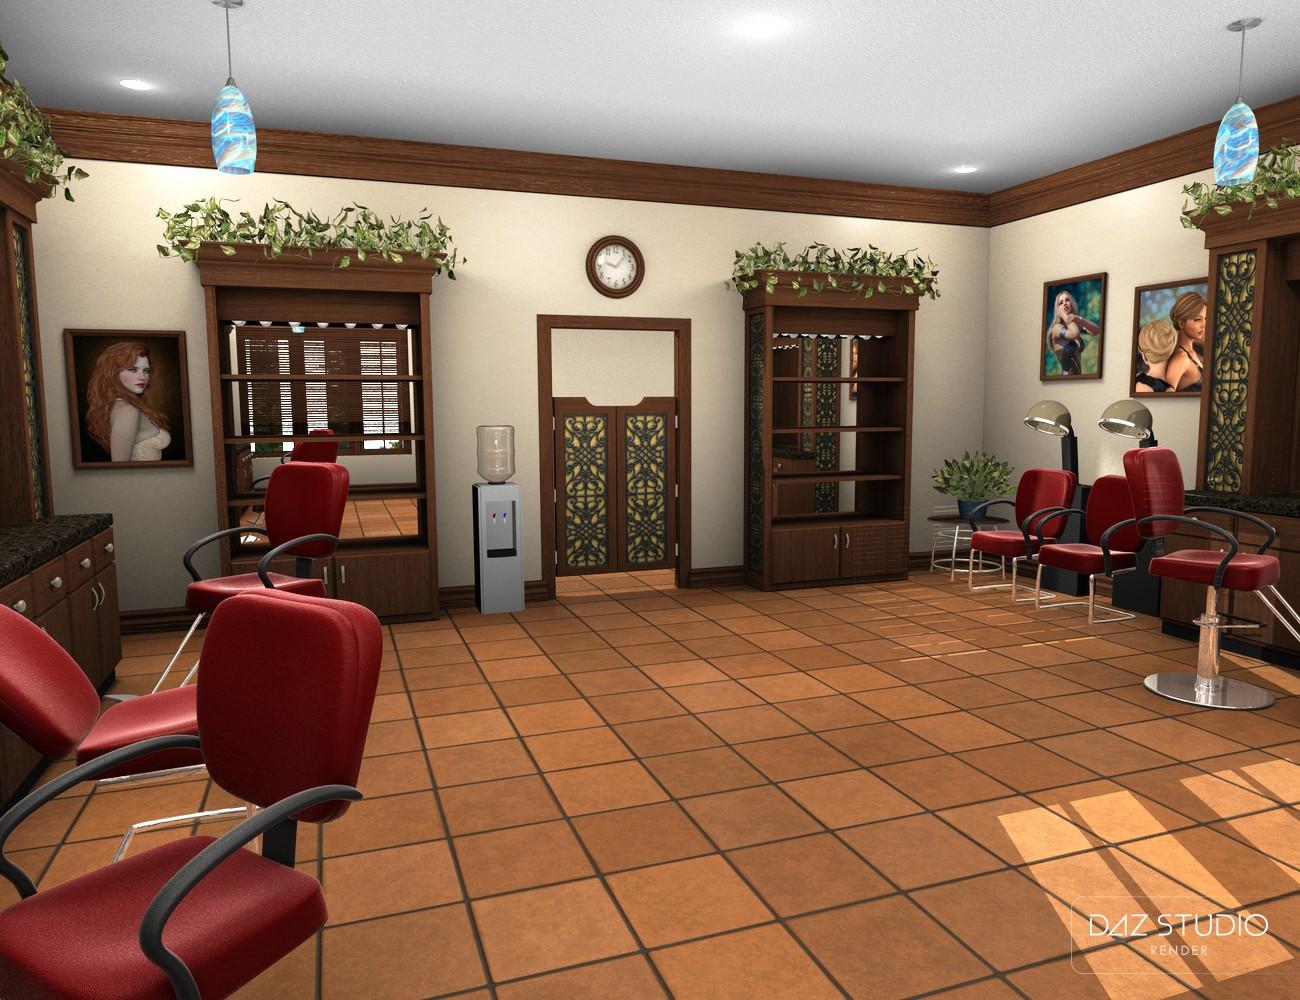 Download daz studio 3 for free daz 3d chez lucille for Salon complet chez but